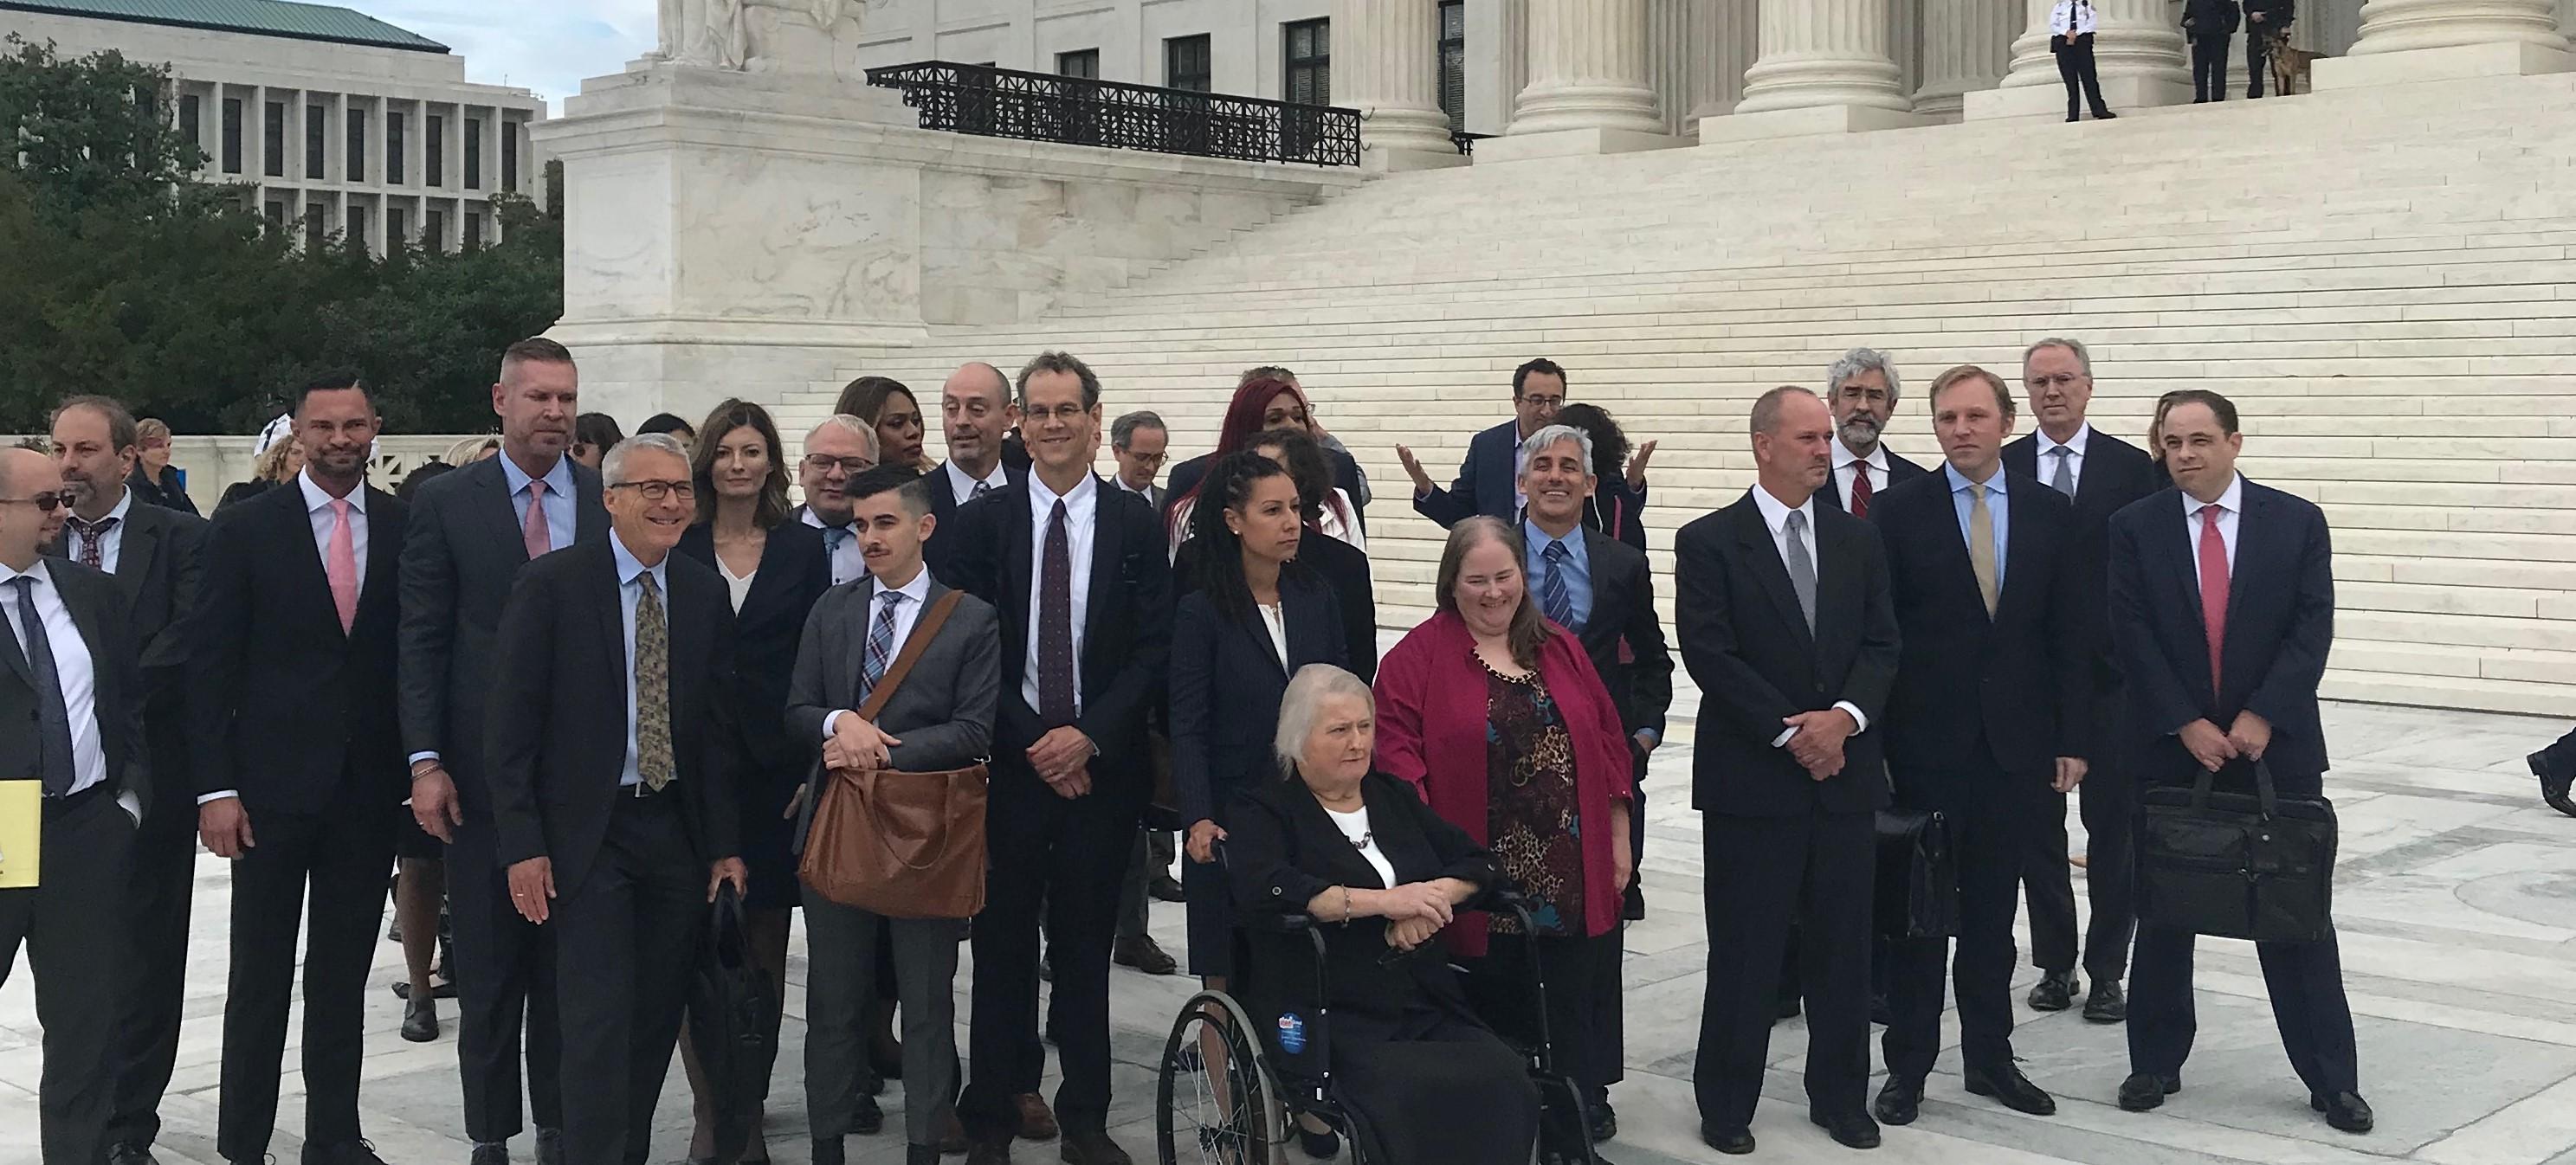 Supreme Court hears arguments in landmark LGBTQ+ employment cases